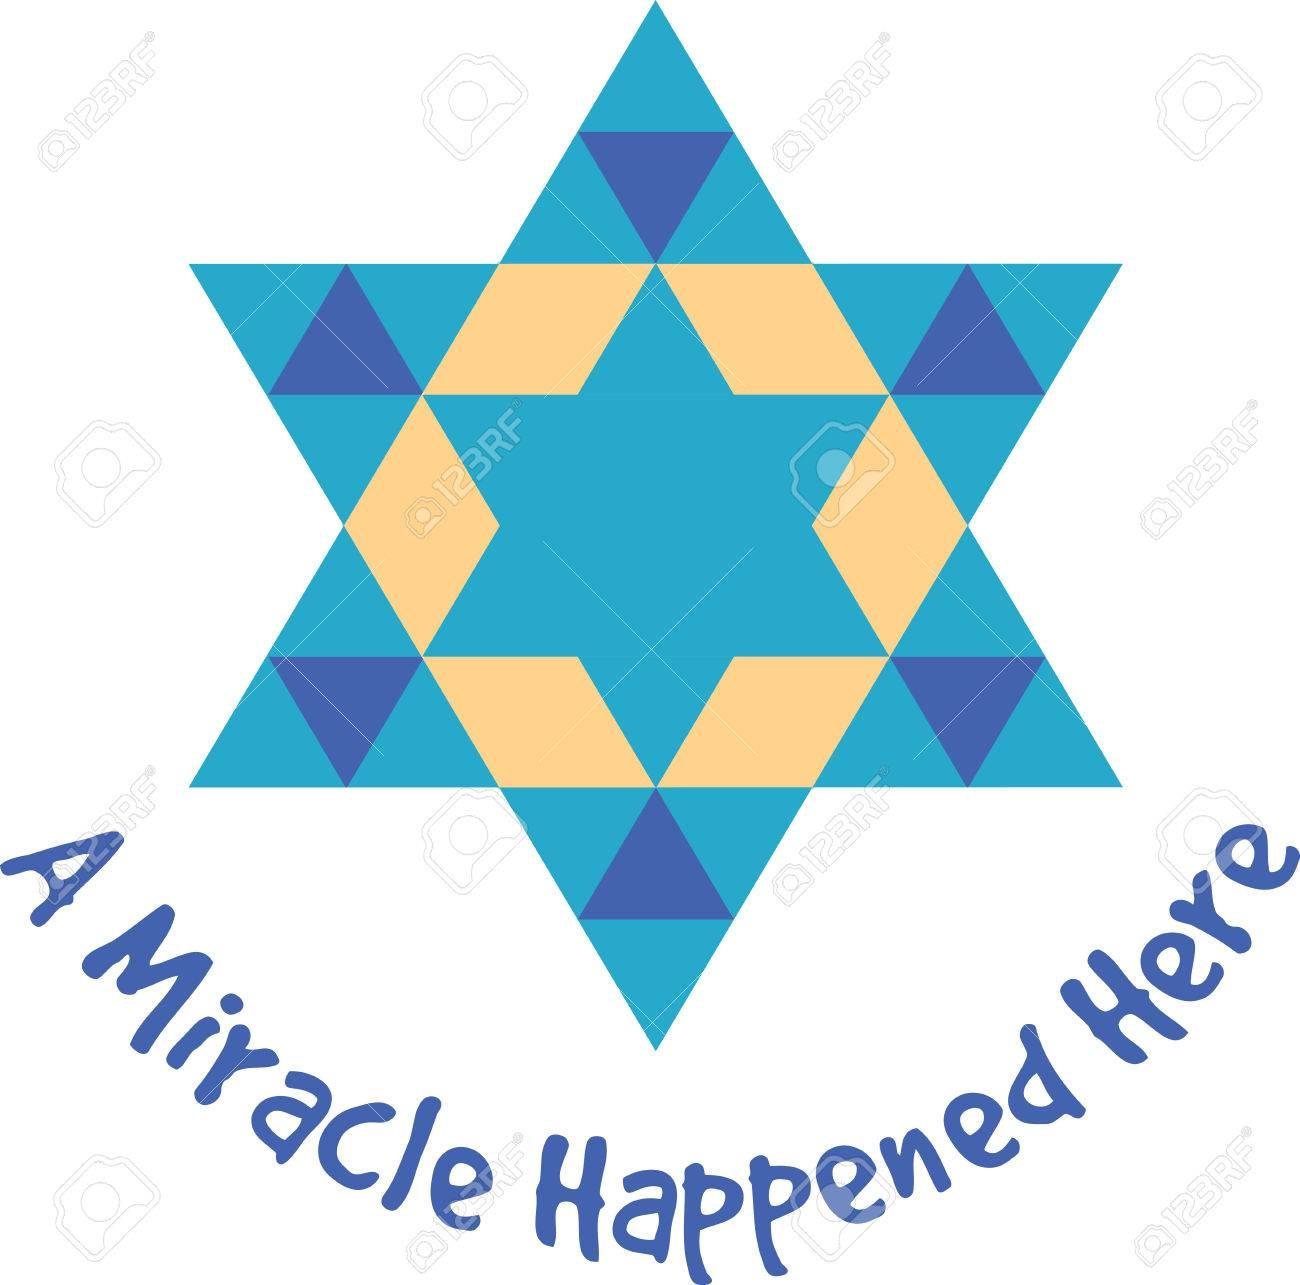 Happy Hanukkah Möge Dieser Saison Von Schönheit Und Licht Zu Füllen ...